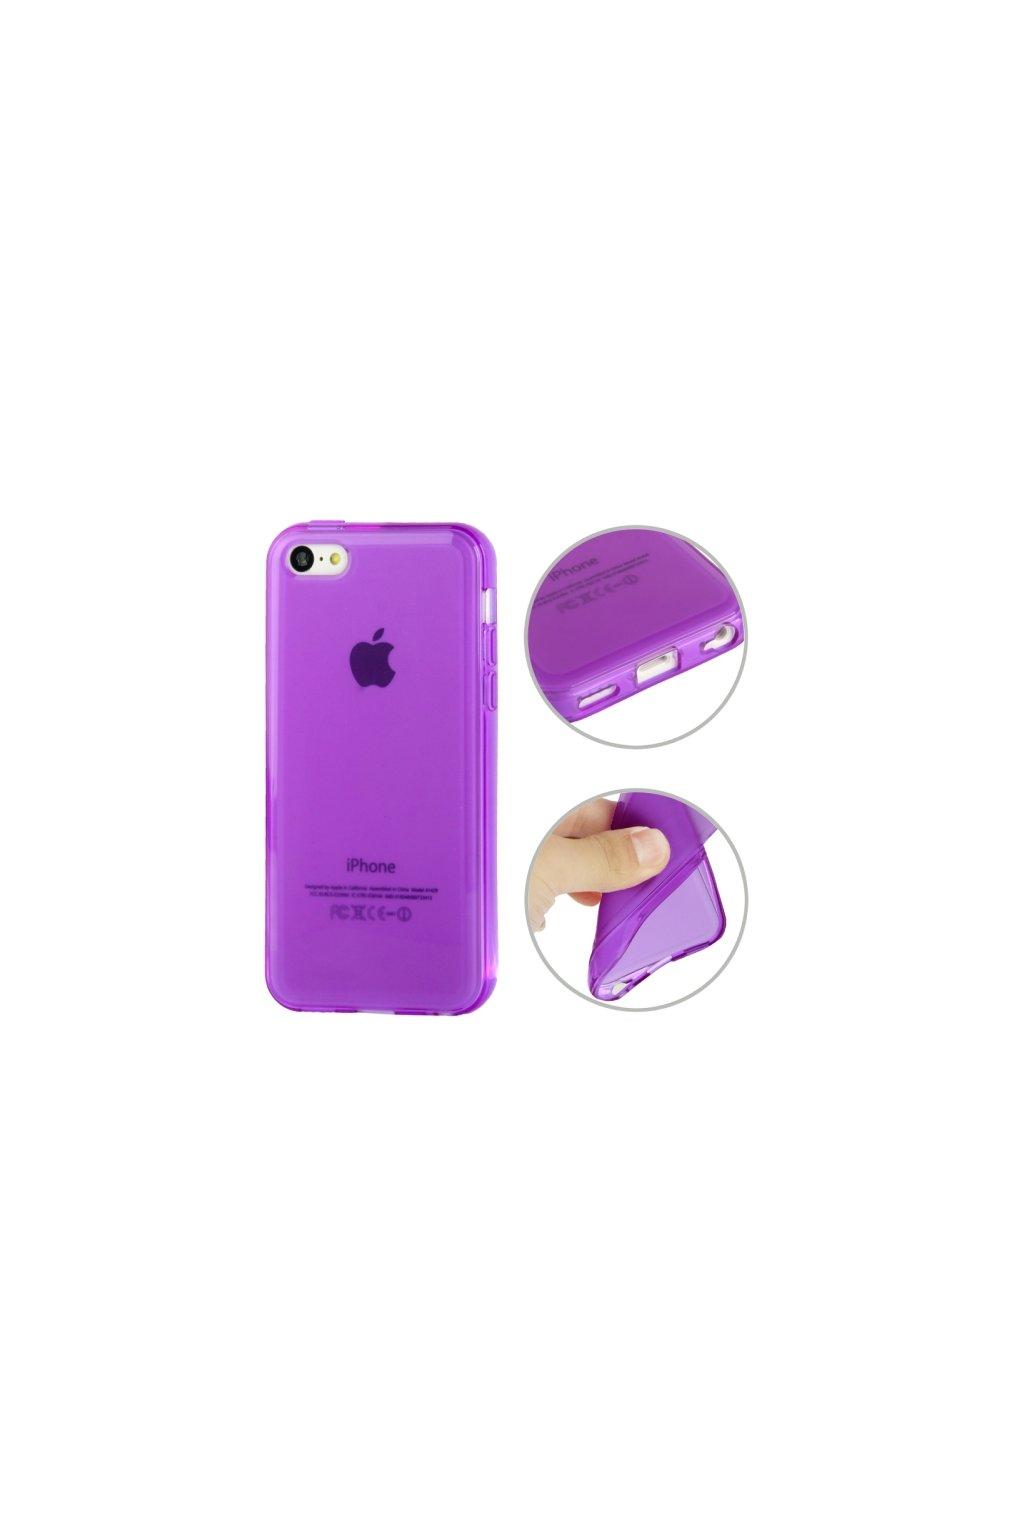 Pouzdro matné TPU iPhone 5C, purple/fialové